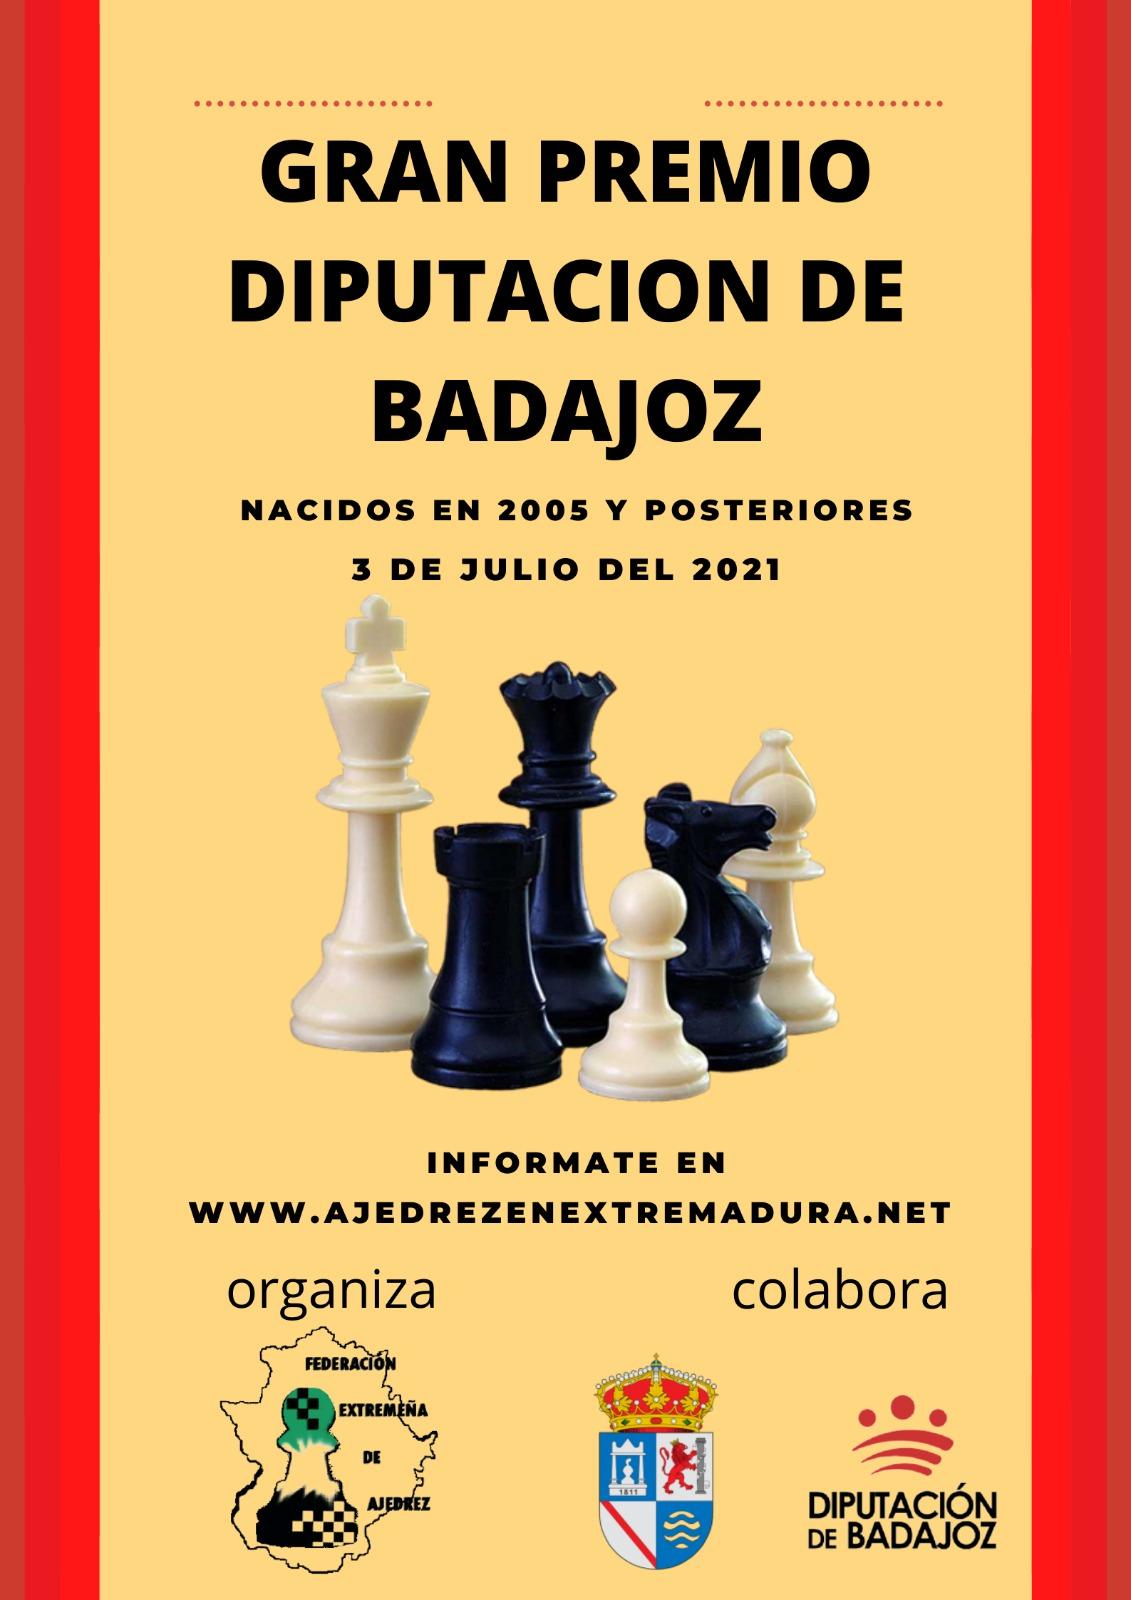 Imagen del Evento Torneo Gran Premio Diputación de Badajoz de Ajedrez